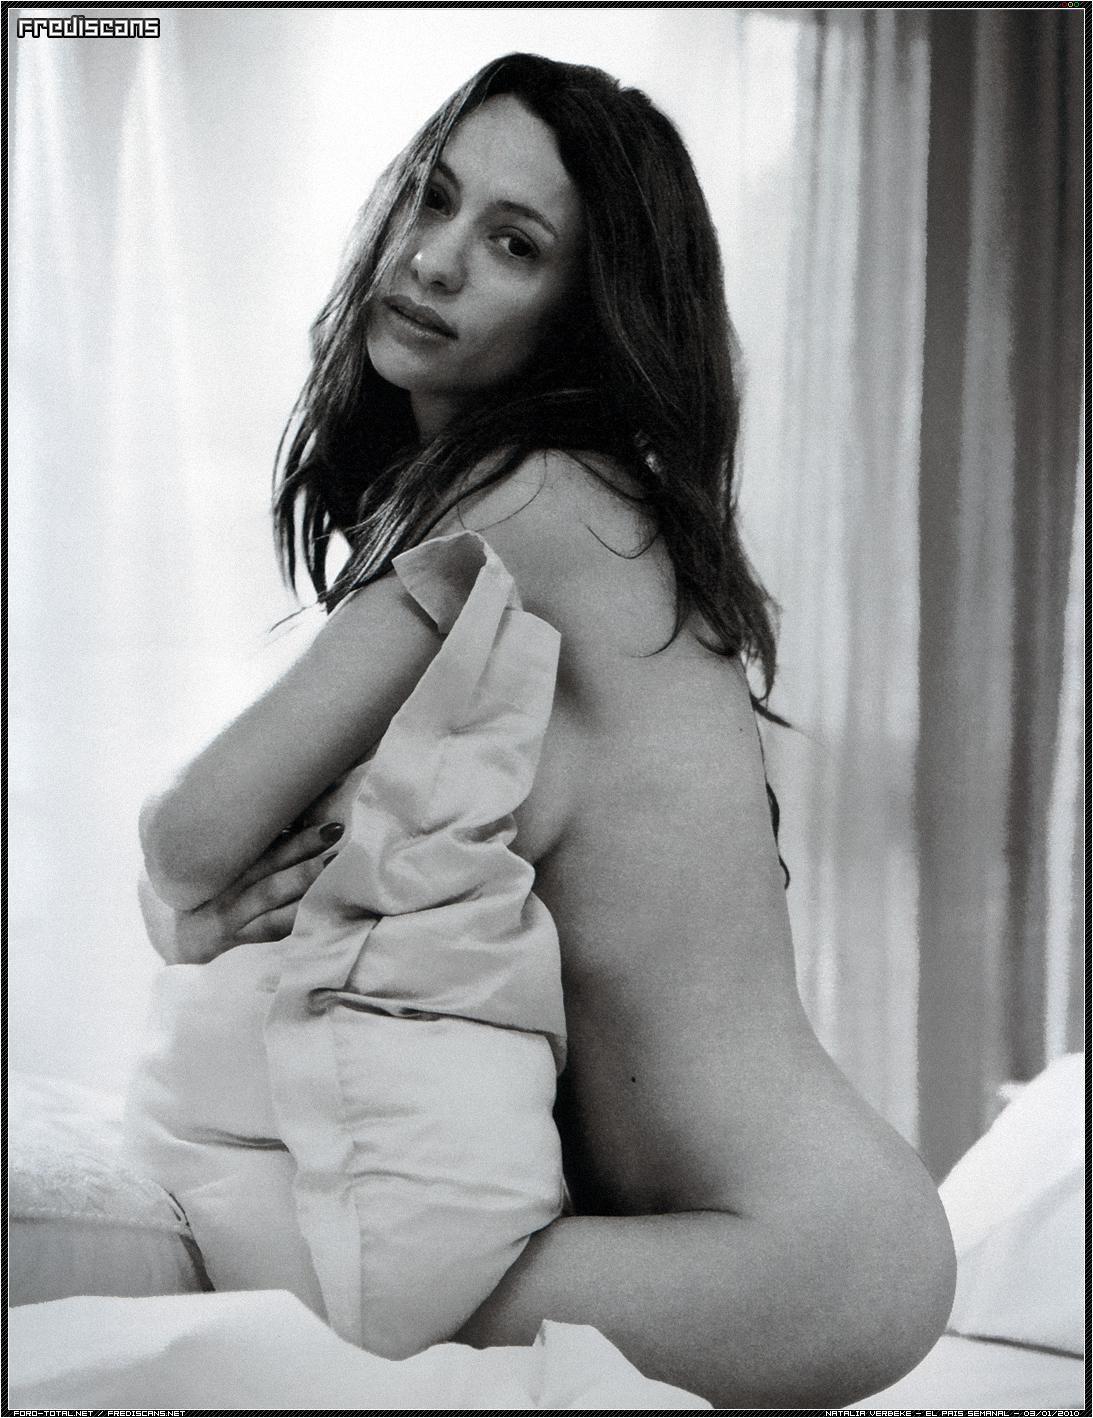 Natalia Verbeke Desnuda fotos de natalia verbeke desnuda - página 16 - fotos de